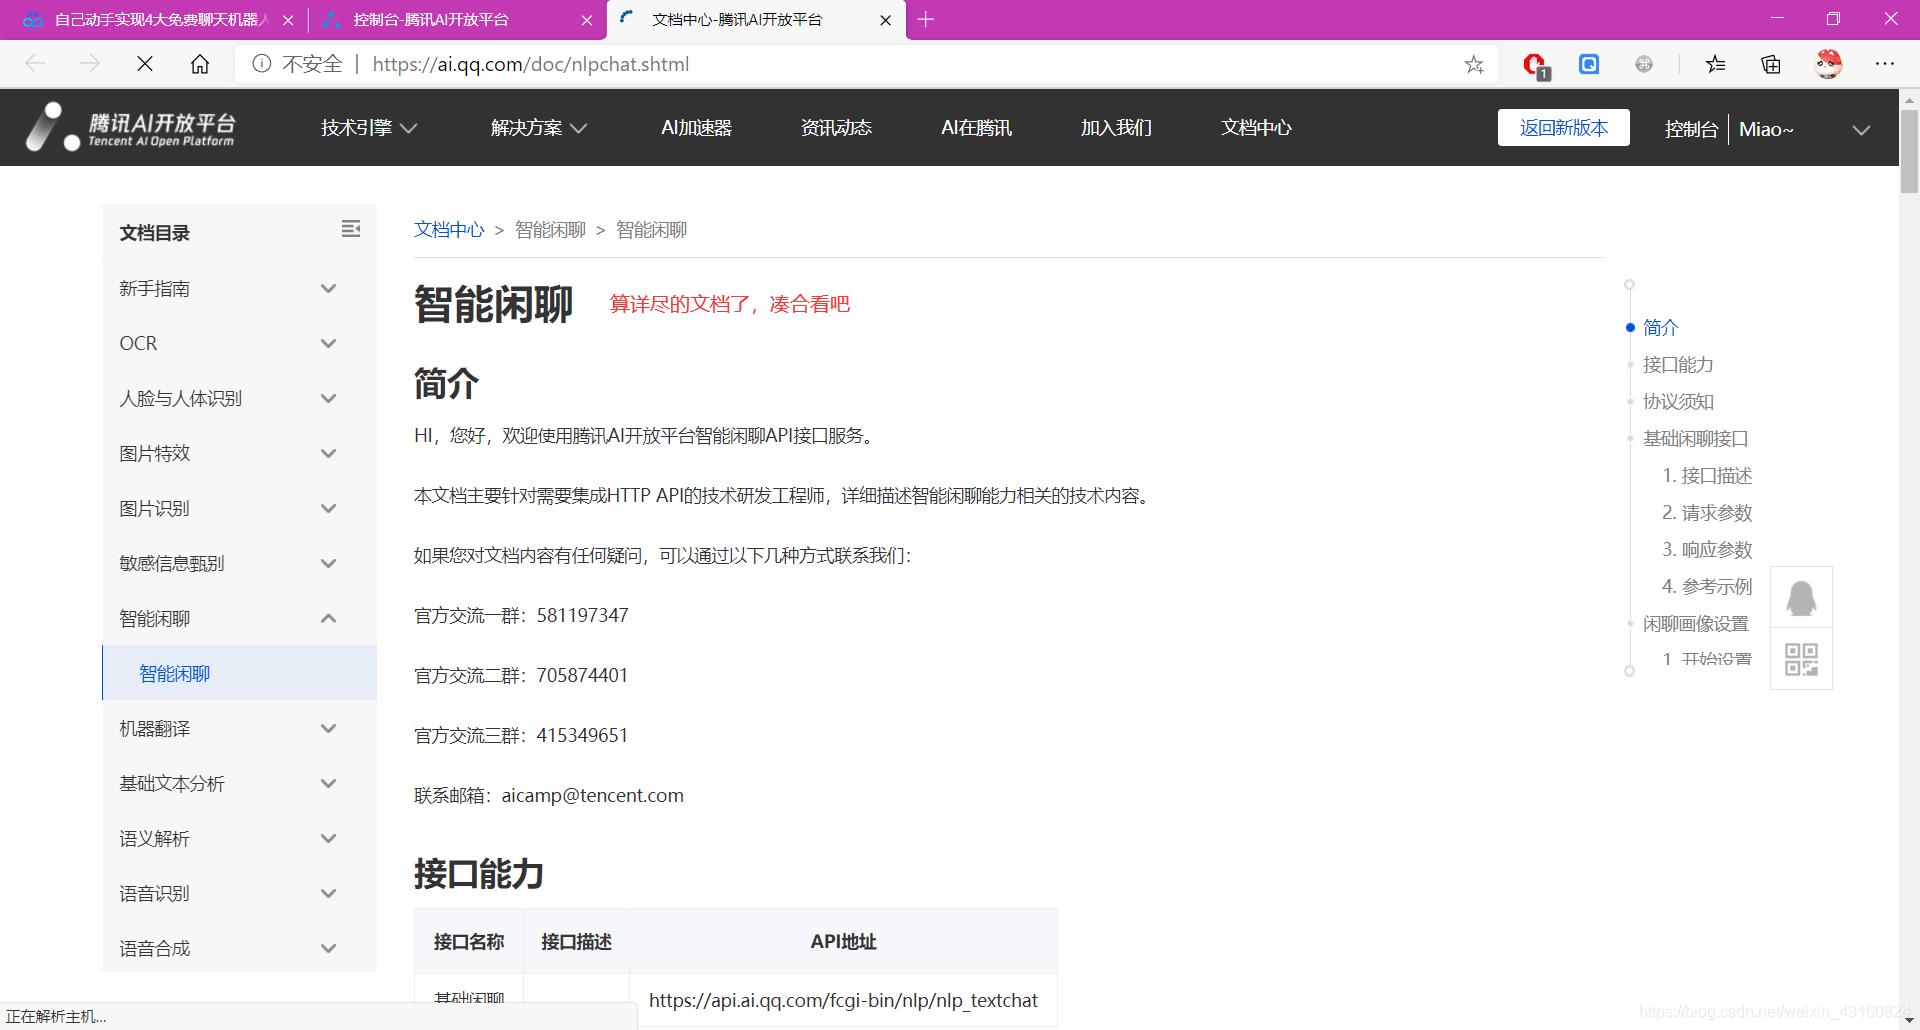 06_查看文档02